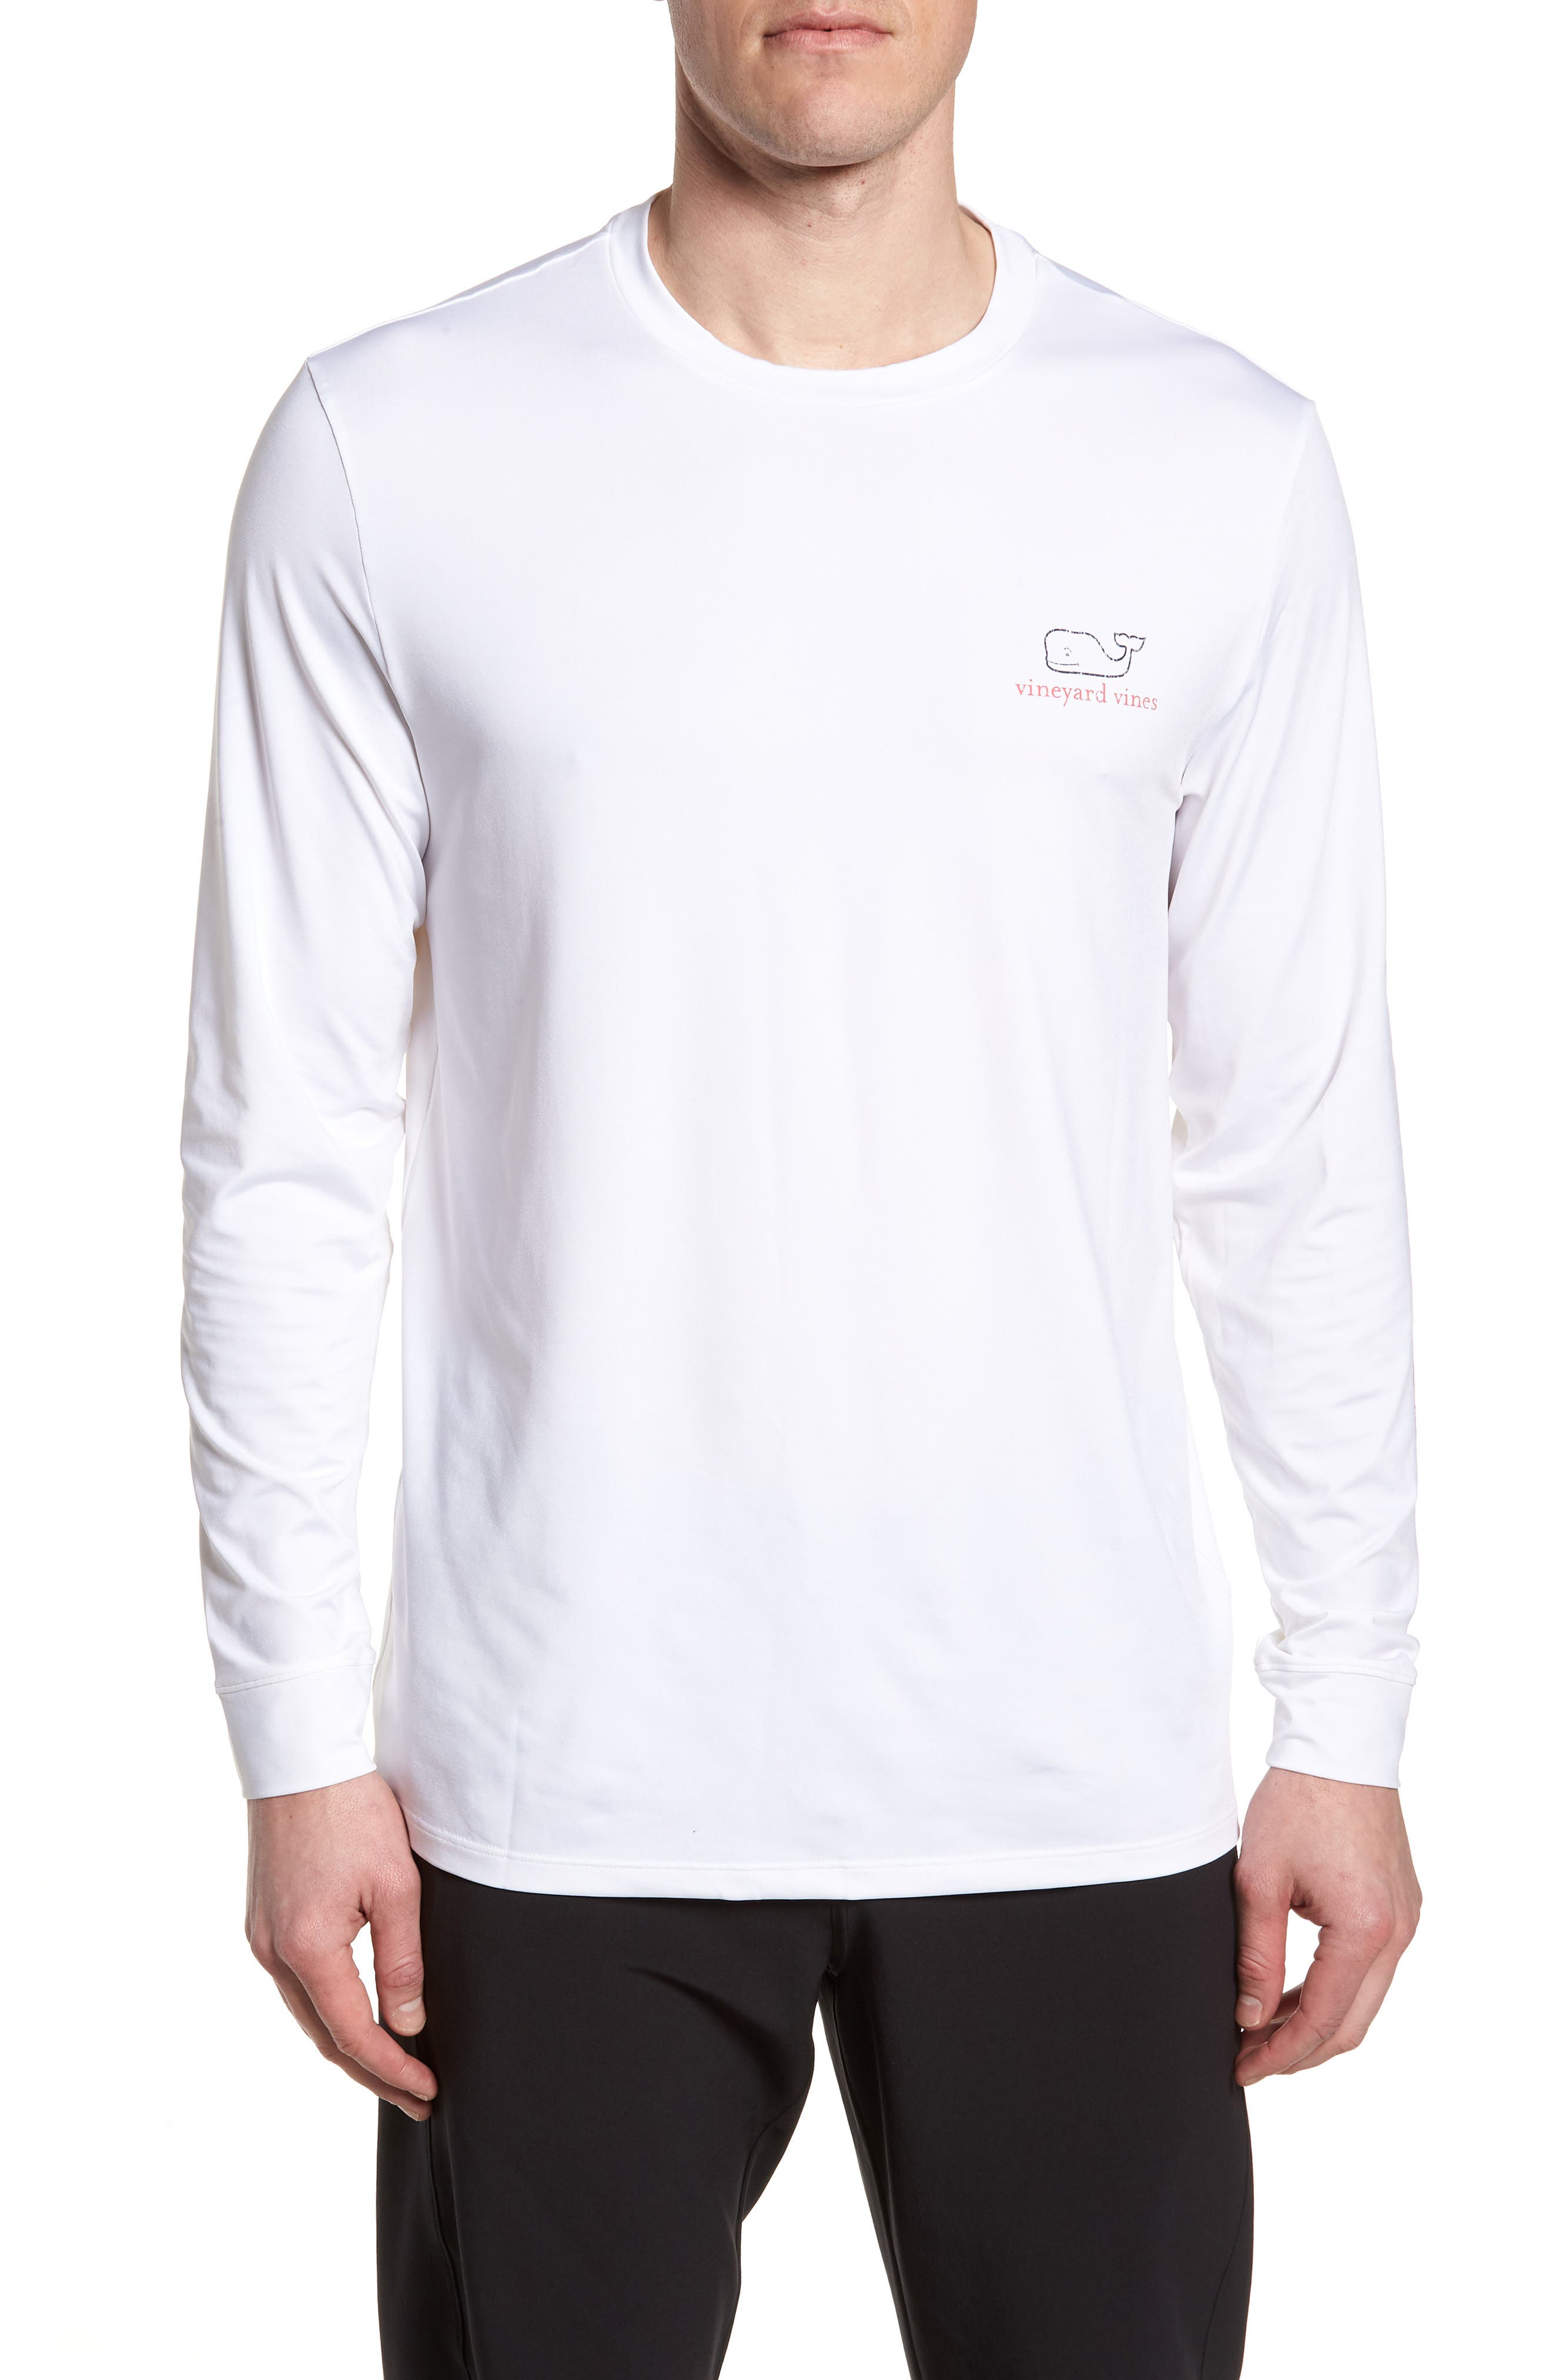 Vintage Whale Performance T-Shirt,                             Main thumbnail 1, color,                             100